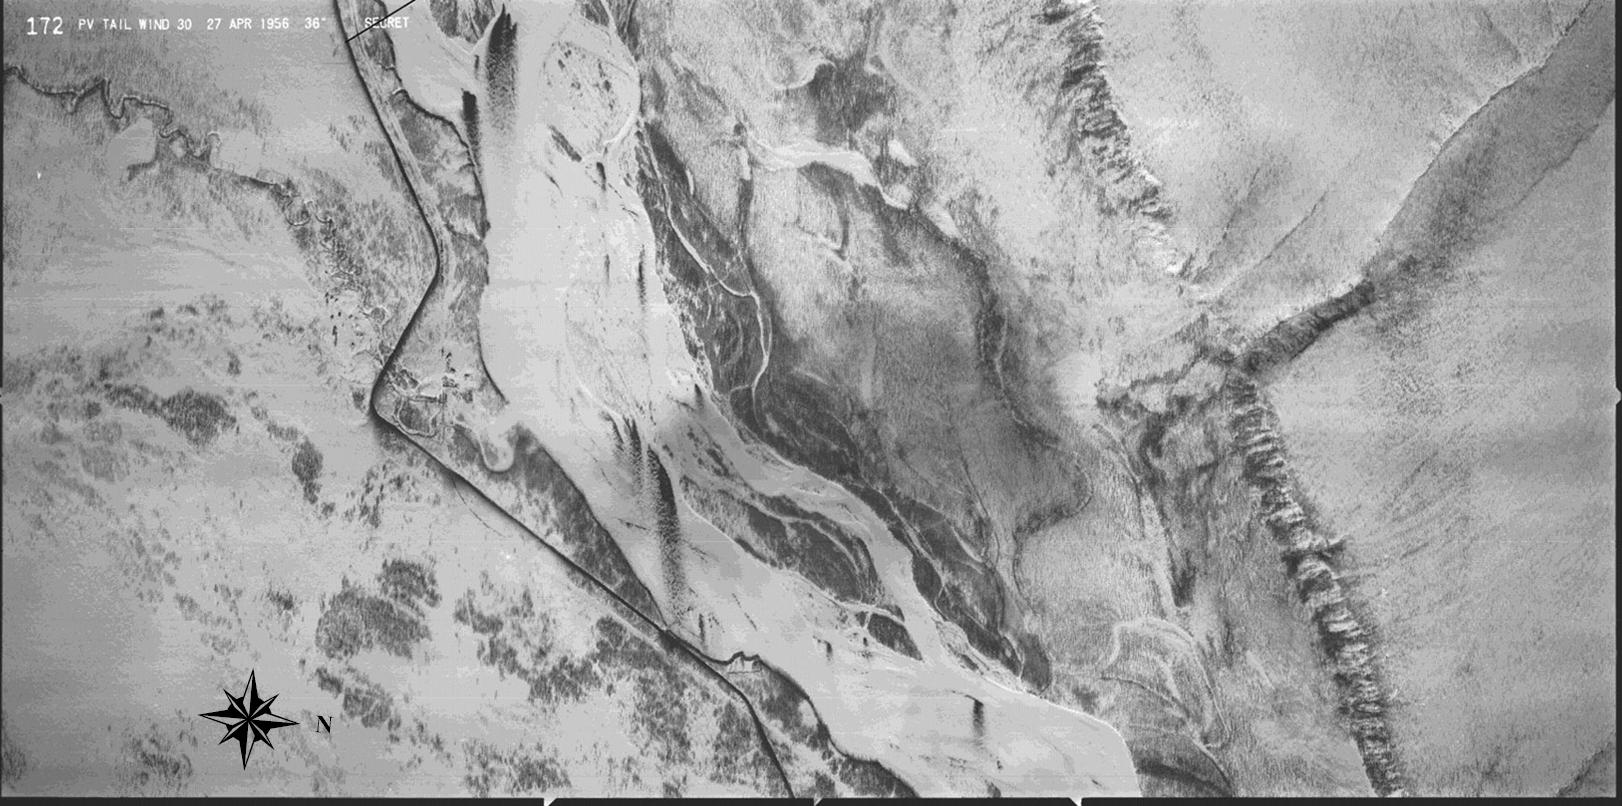 Плановый снимок района Табагинского утёса (на фото справа внизу) в 40 км южнее аэродрома Якутска, сделанный в ходе миссии Tailwind 30 27 апреля 1956 года вертикальной камерой К-38 с фокусным расстоянием объектива 36 дюймов и форматом кадра 9х18 дюймов. Высота полёта, по воспоминаниям второго пилота миссии Эрла О'Логлина составляла 43.000 футов (13.100 м). Это соответствует масштабу 1:14333, охвату участка земной поверхности 3276х6552 м, и подтверждается видимым на этом снимке. Тёмная линия в левой половине снимка это, вероятно, зимник идущий по островам Саты-Талах и Намтагар на реке Лене. Табагинский створ –  самое узкое место реки Лена, где уже много лет собираются начать строительство 3-км железнодорожно-автомобильного моста.